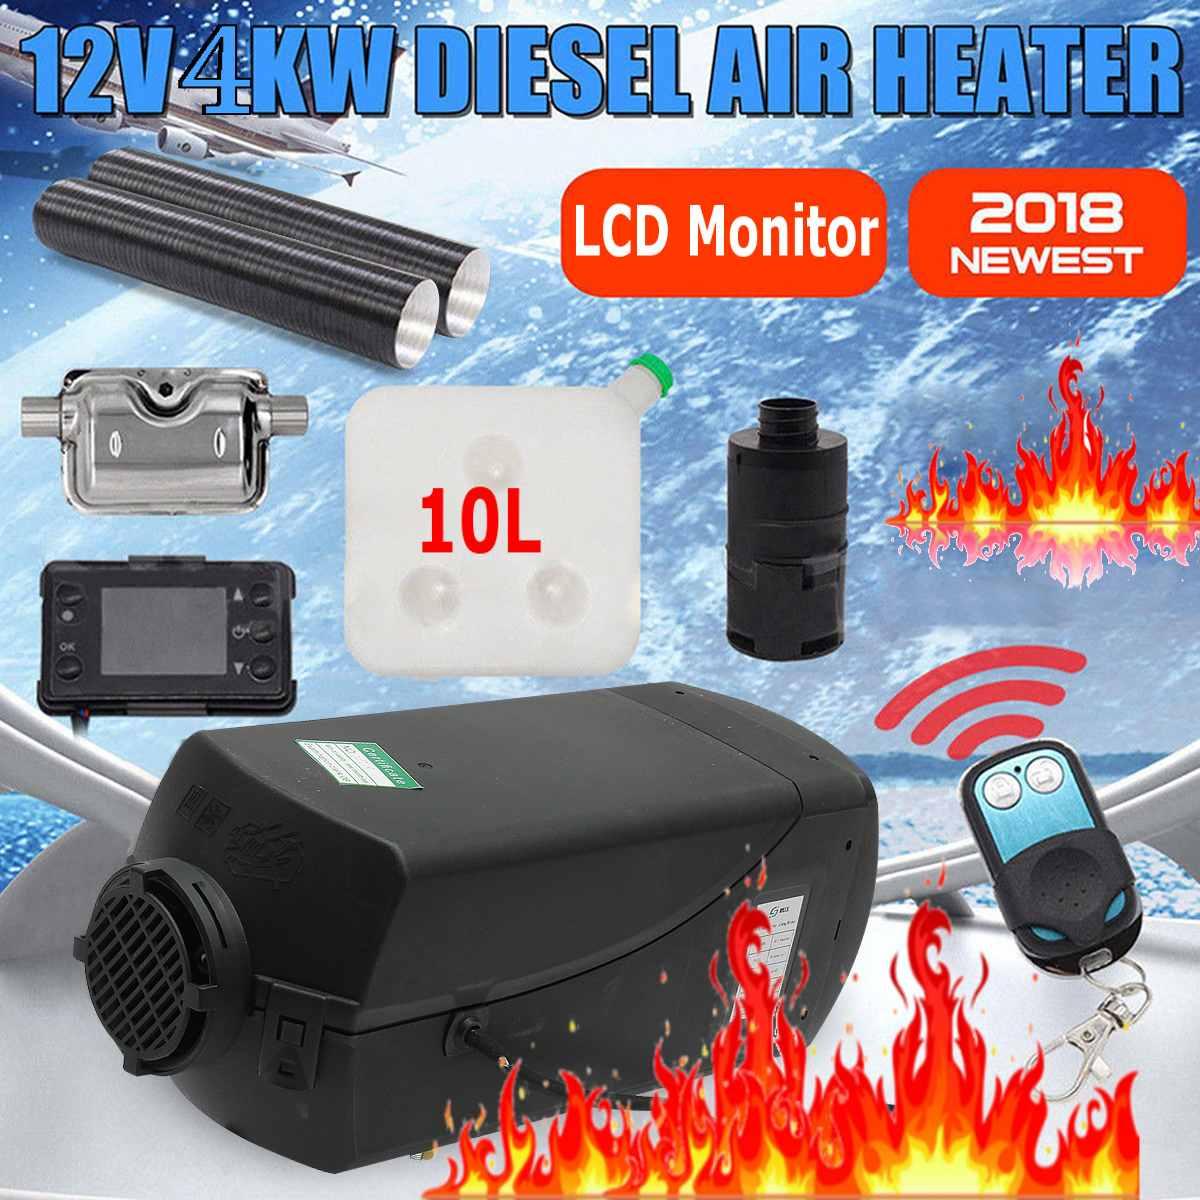 4KW 12V diesel aquecedor de ar para Caminhões Barcos RV caravana bus-Para substituir Eberspacher D4, aquecedor de estacionamento Webastos + Remoto + Silenciador